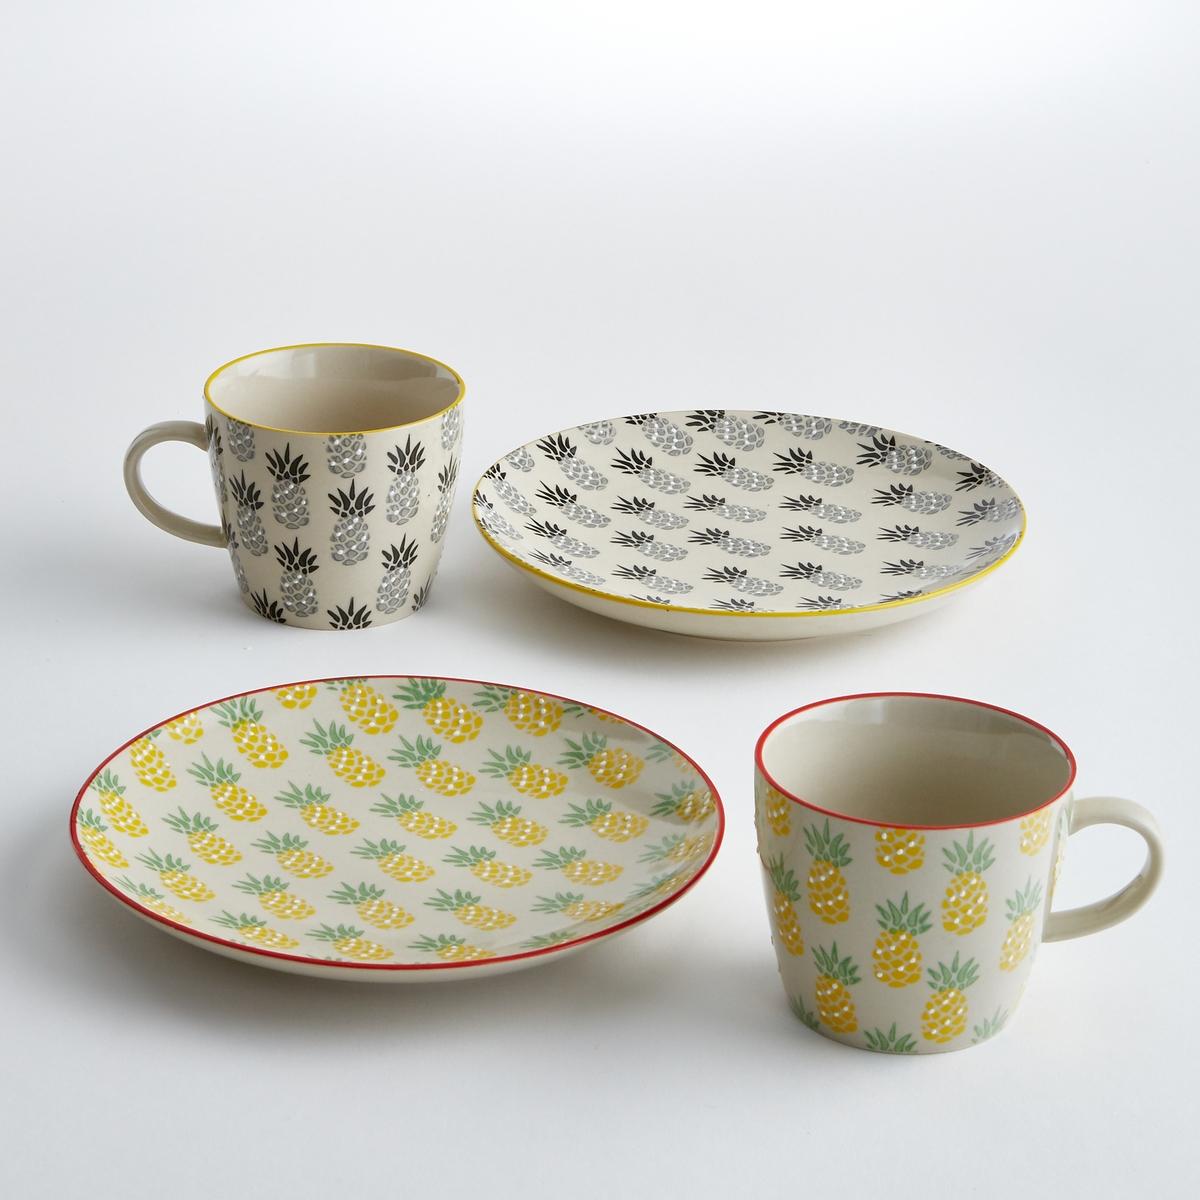 4 чашки из керамики TossitaКлассическая форма, графический экзотический рисунок : чашки Tossita добавят Вашей кухне освежающие тропические нотки.Характеристики 4 чашек из керамики Tossita :Рисунок ананас.Комплект из 4 чашек состоит из 2 чашек с рисунком ананас черного и серого цвета + 2 тарелки с рисунком зеленого и желтого цвета  Размеры 4 чашек из керамики Tossita :Диаметр. 9,5 x высота 8 см.Другие чашки и наши коллекции предметов декора стола вы можете найти на сайте laredoute.ru<br><br>Цвет: набивной рисунок